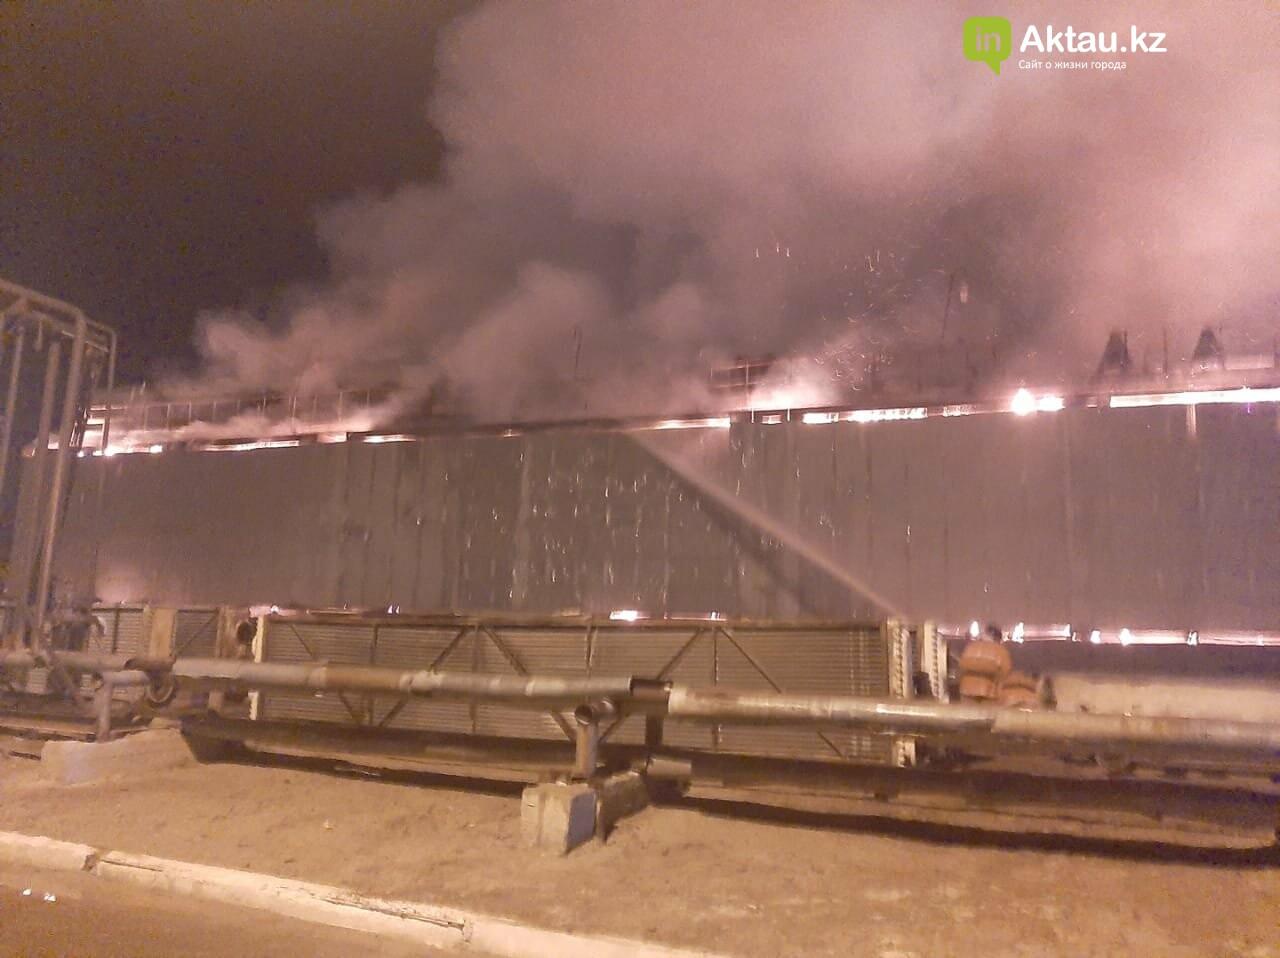 Крупный ночной пожар произошел на заводе, который перерабатывает газ, в Жанаозене 1